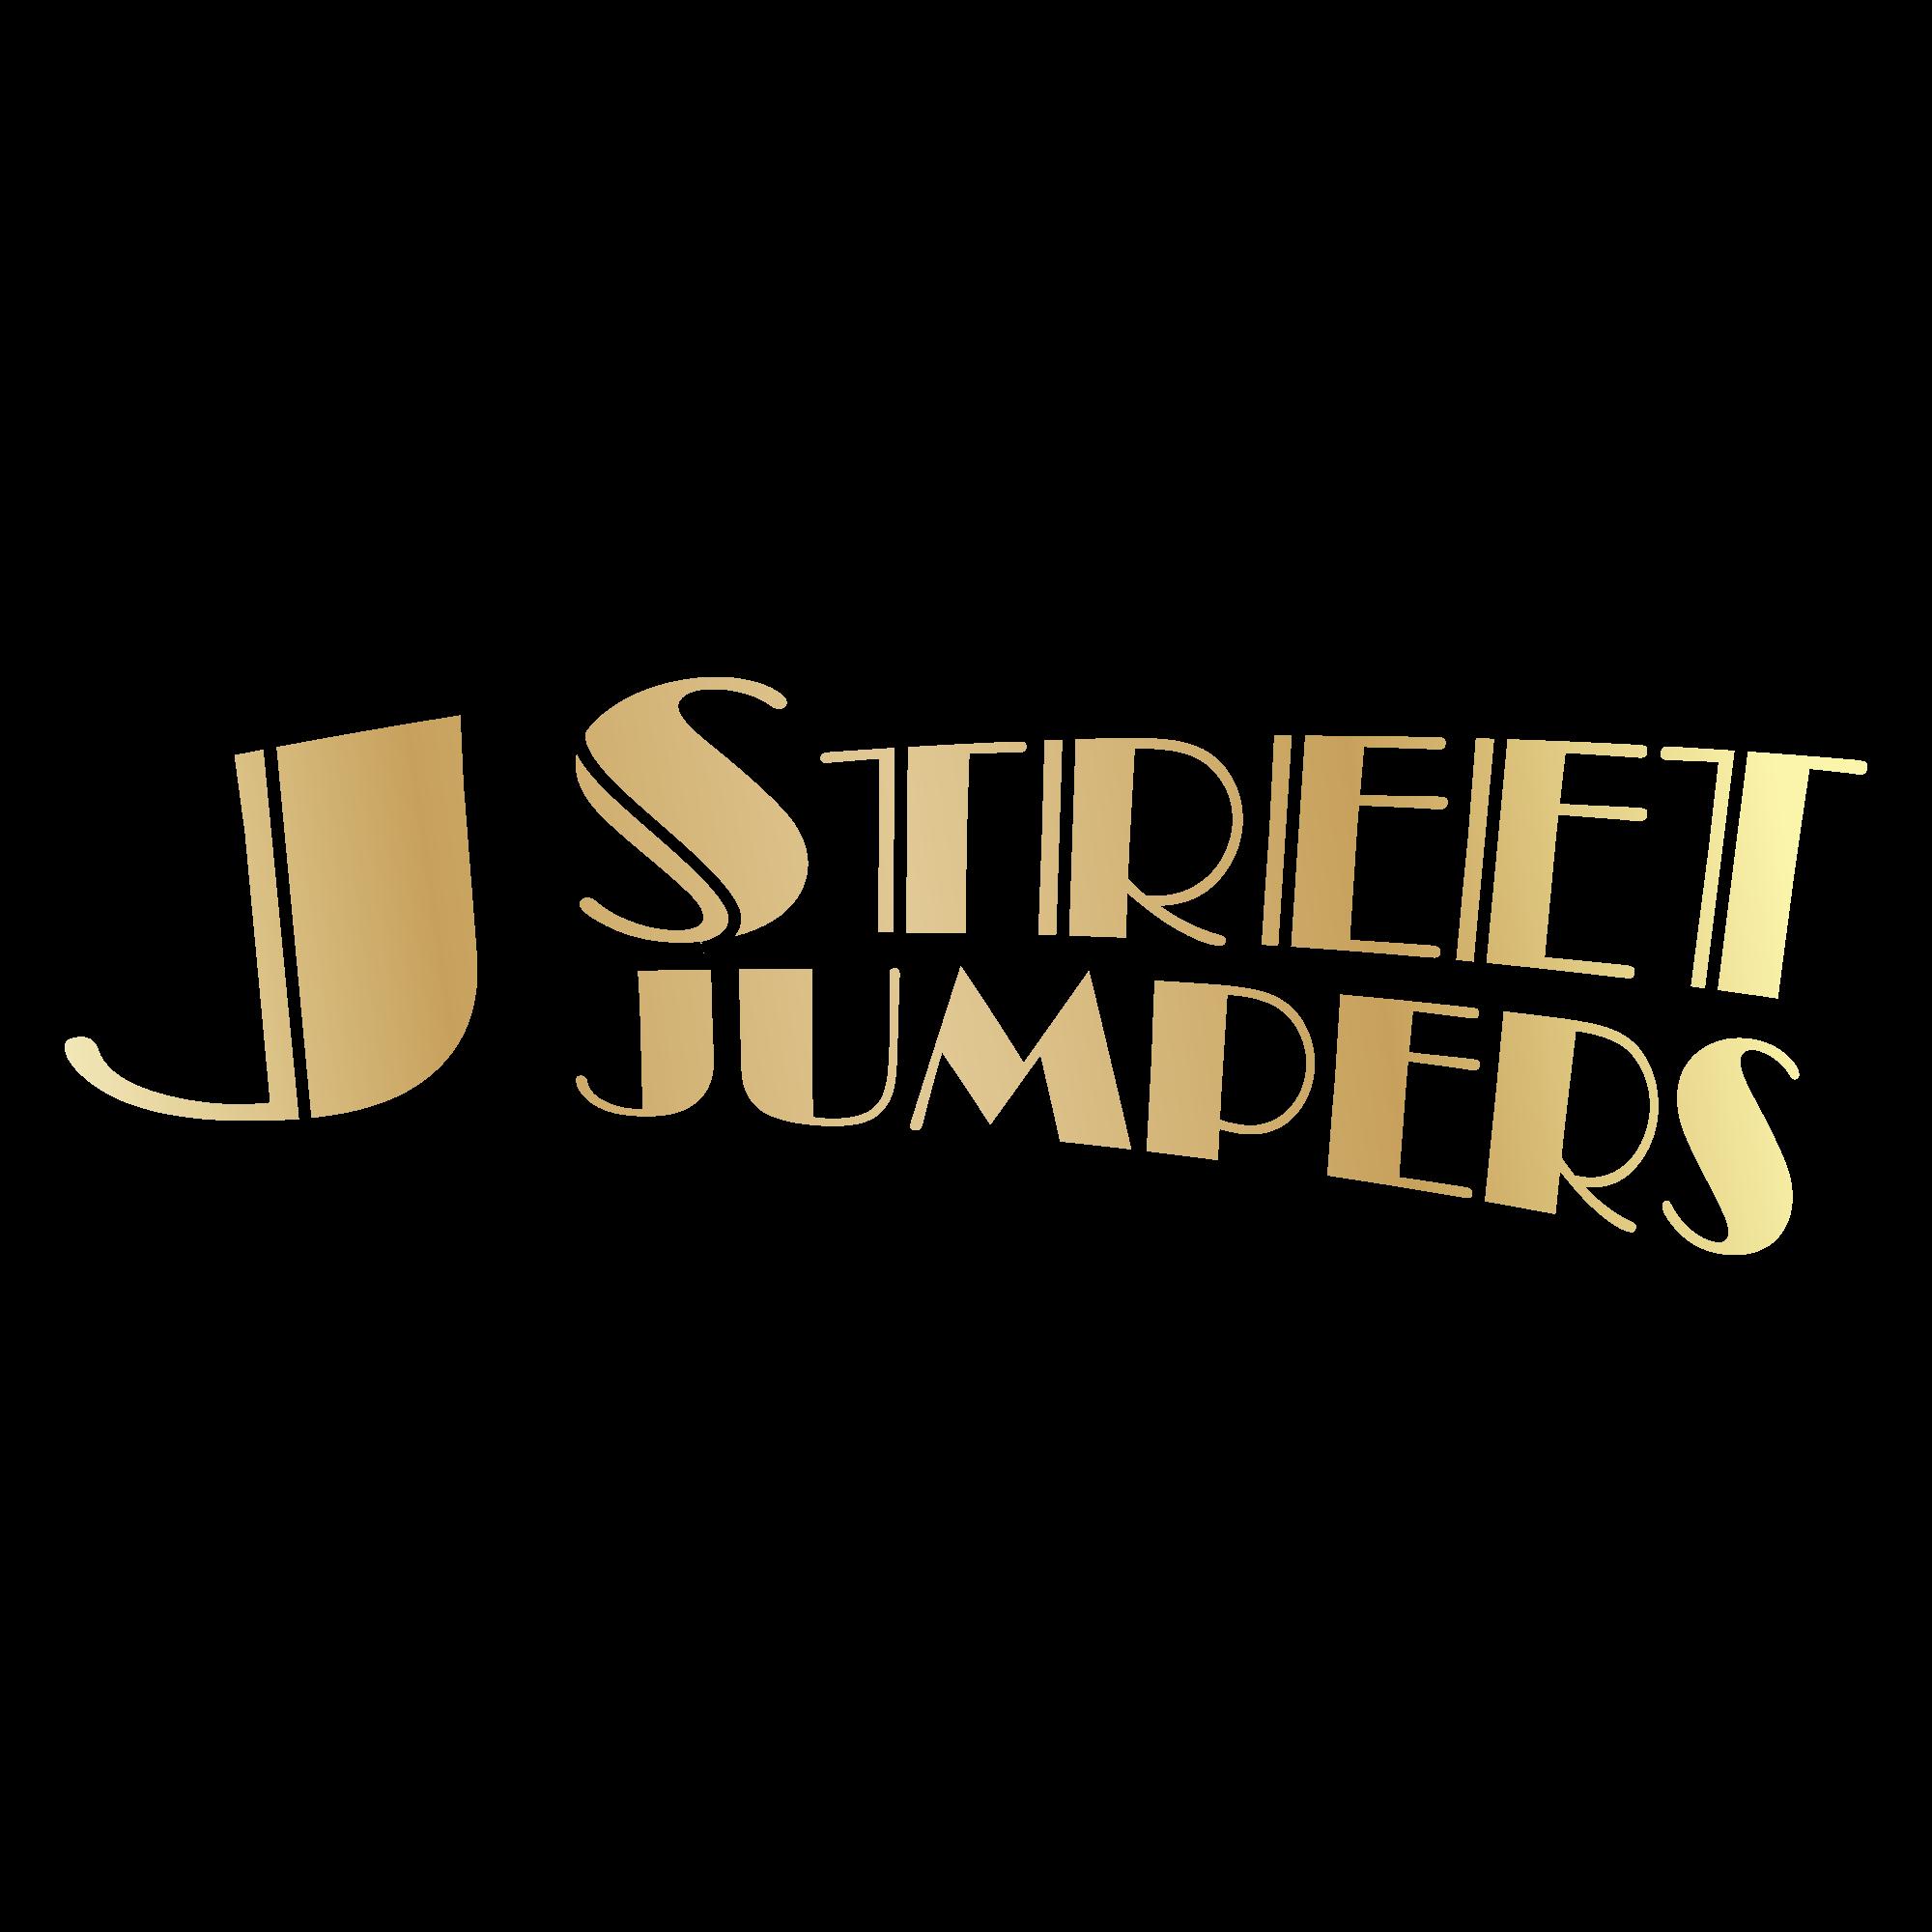 jstreetjumpers.com